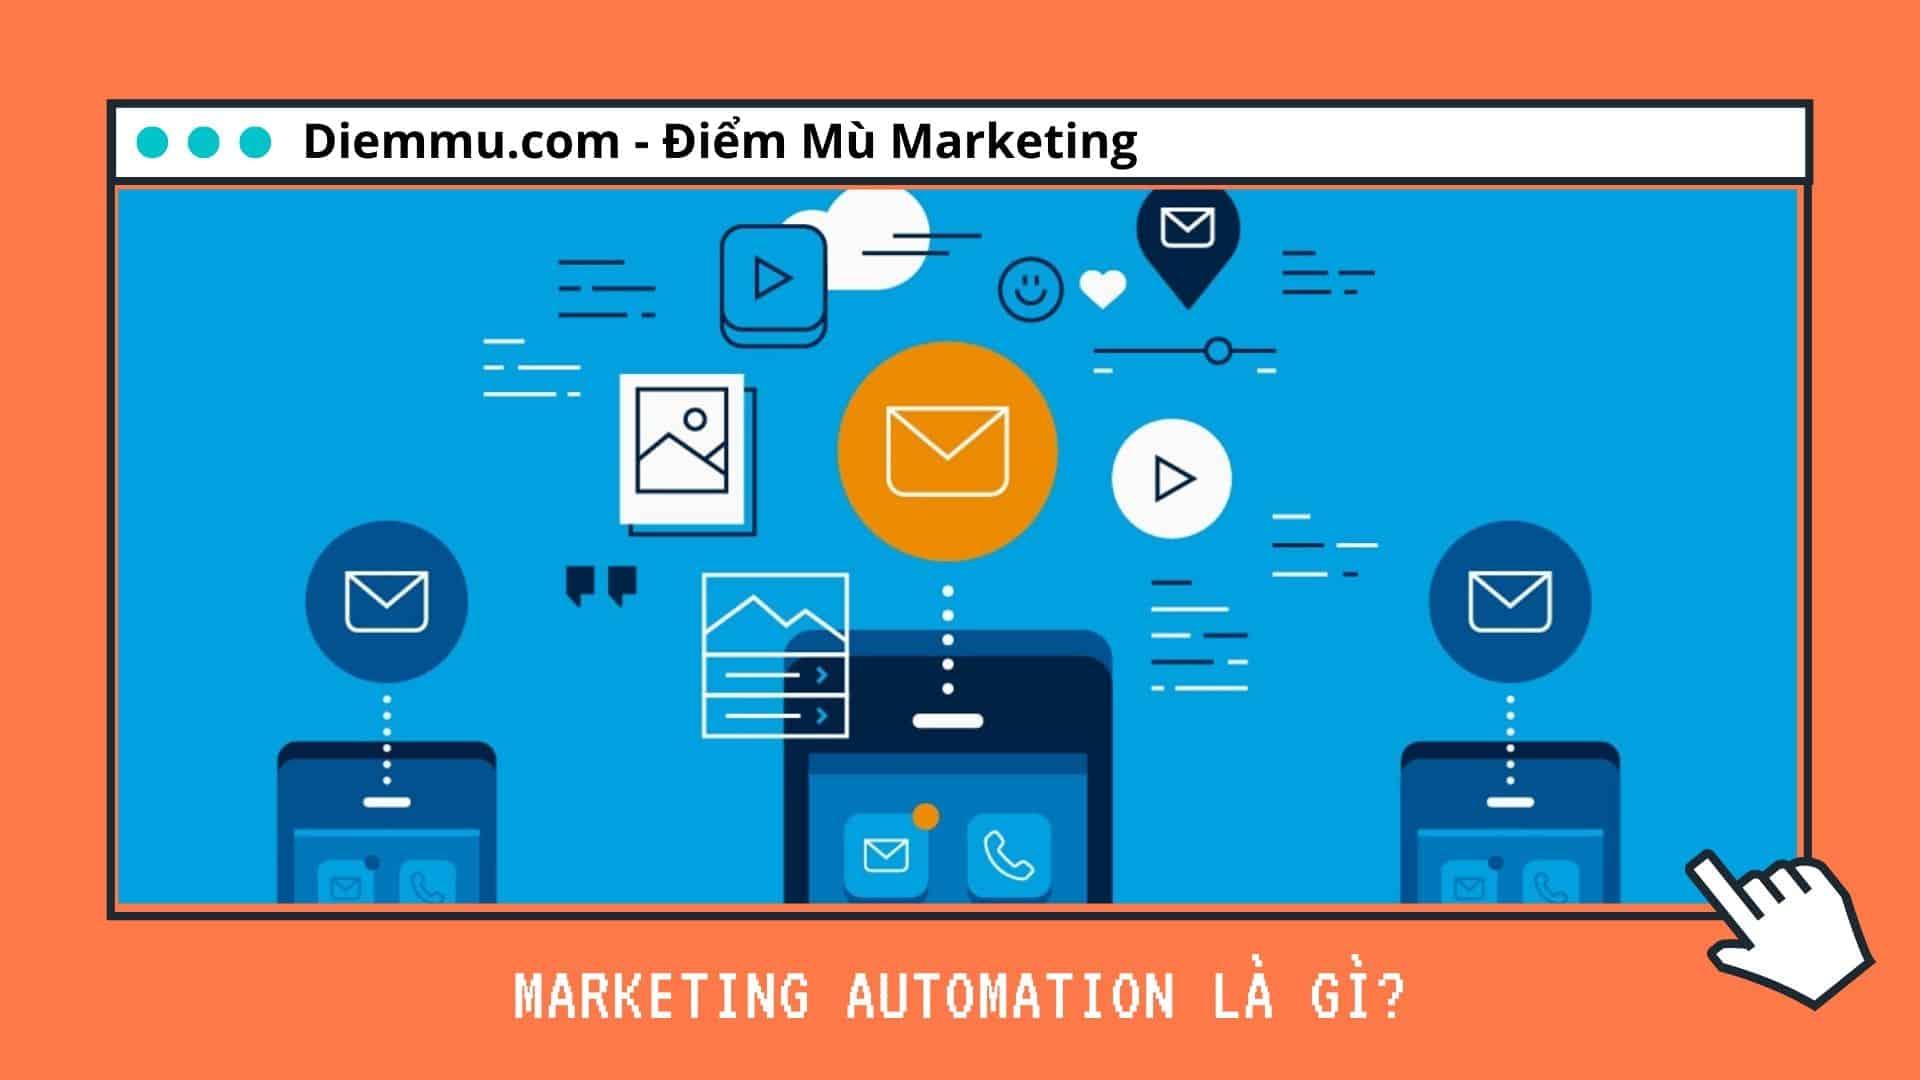 Marketing Automation Là Gì? Làm Sao Xây Dựng - Điểm Mù